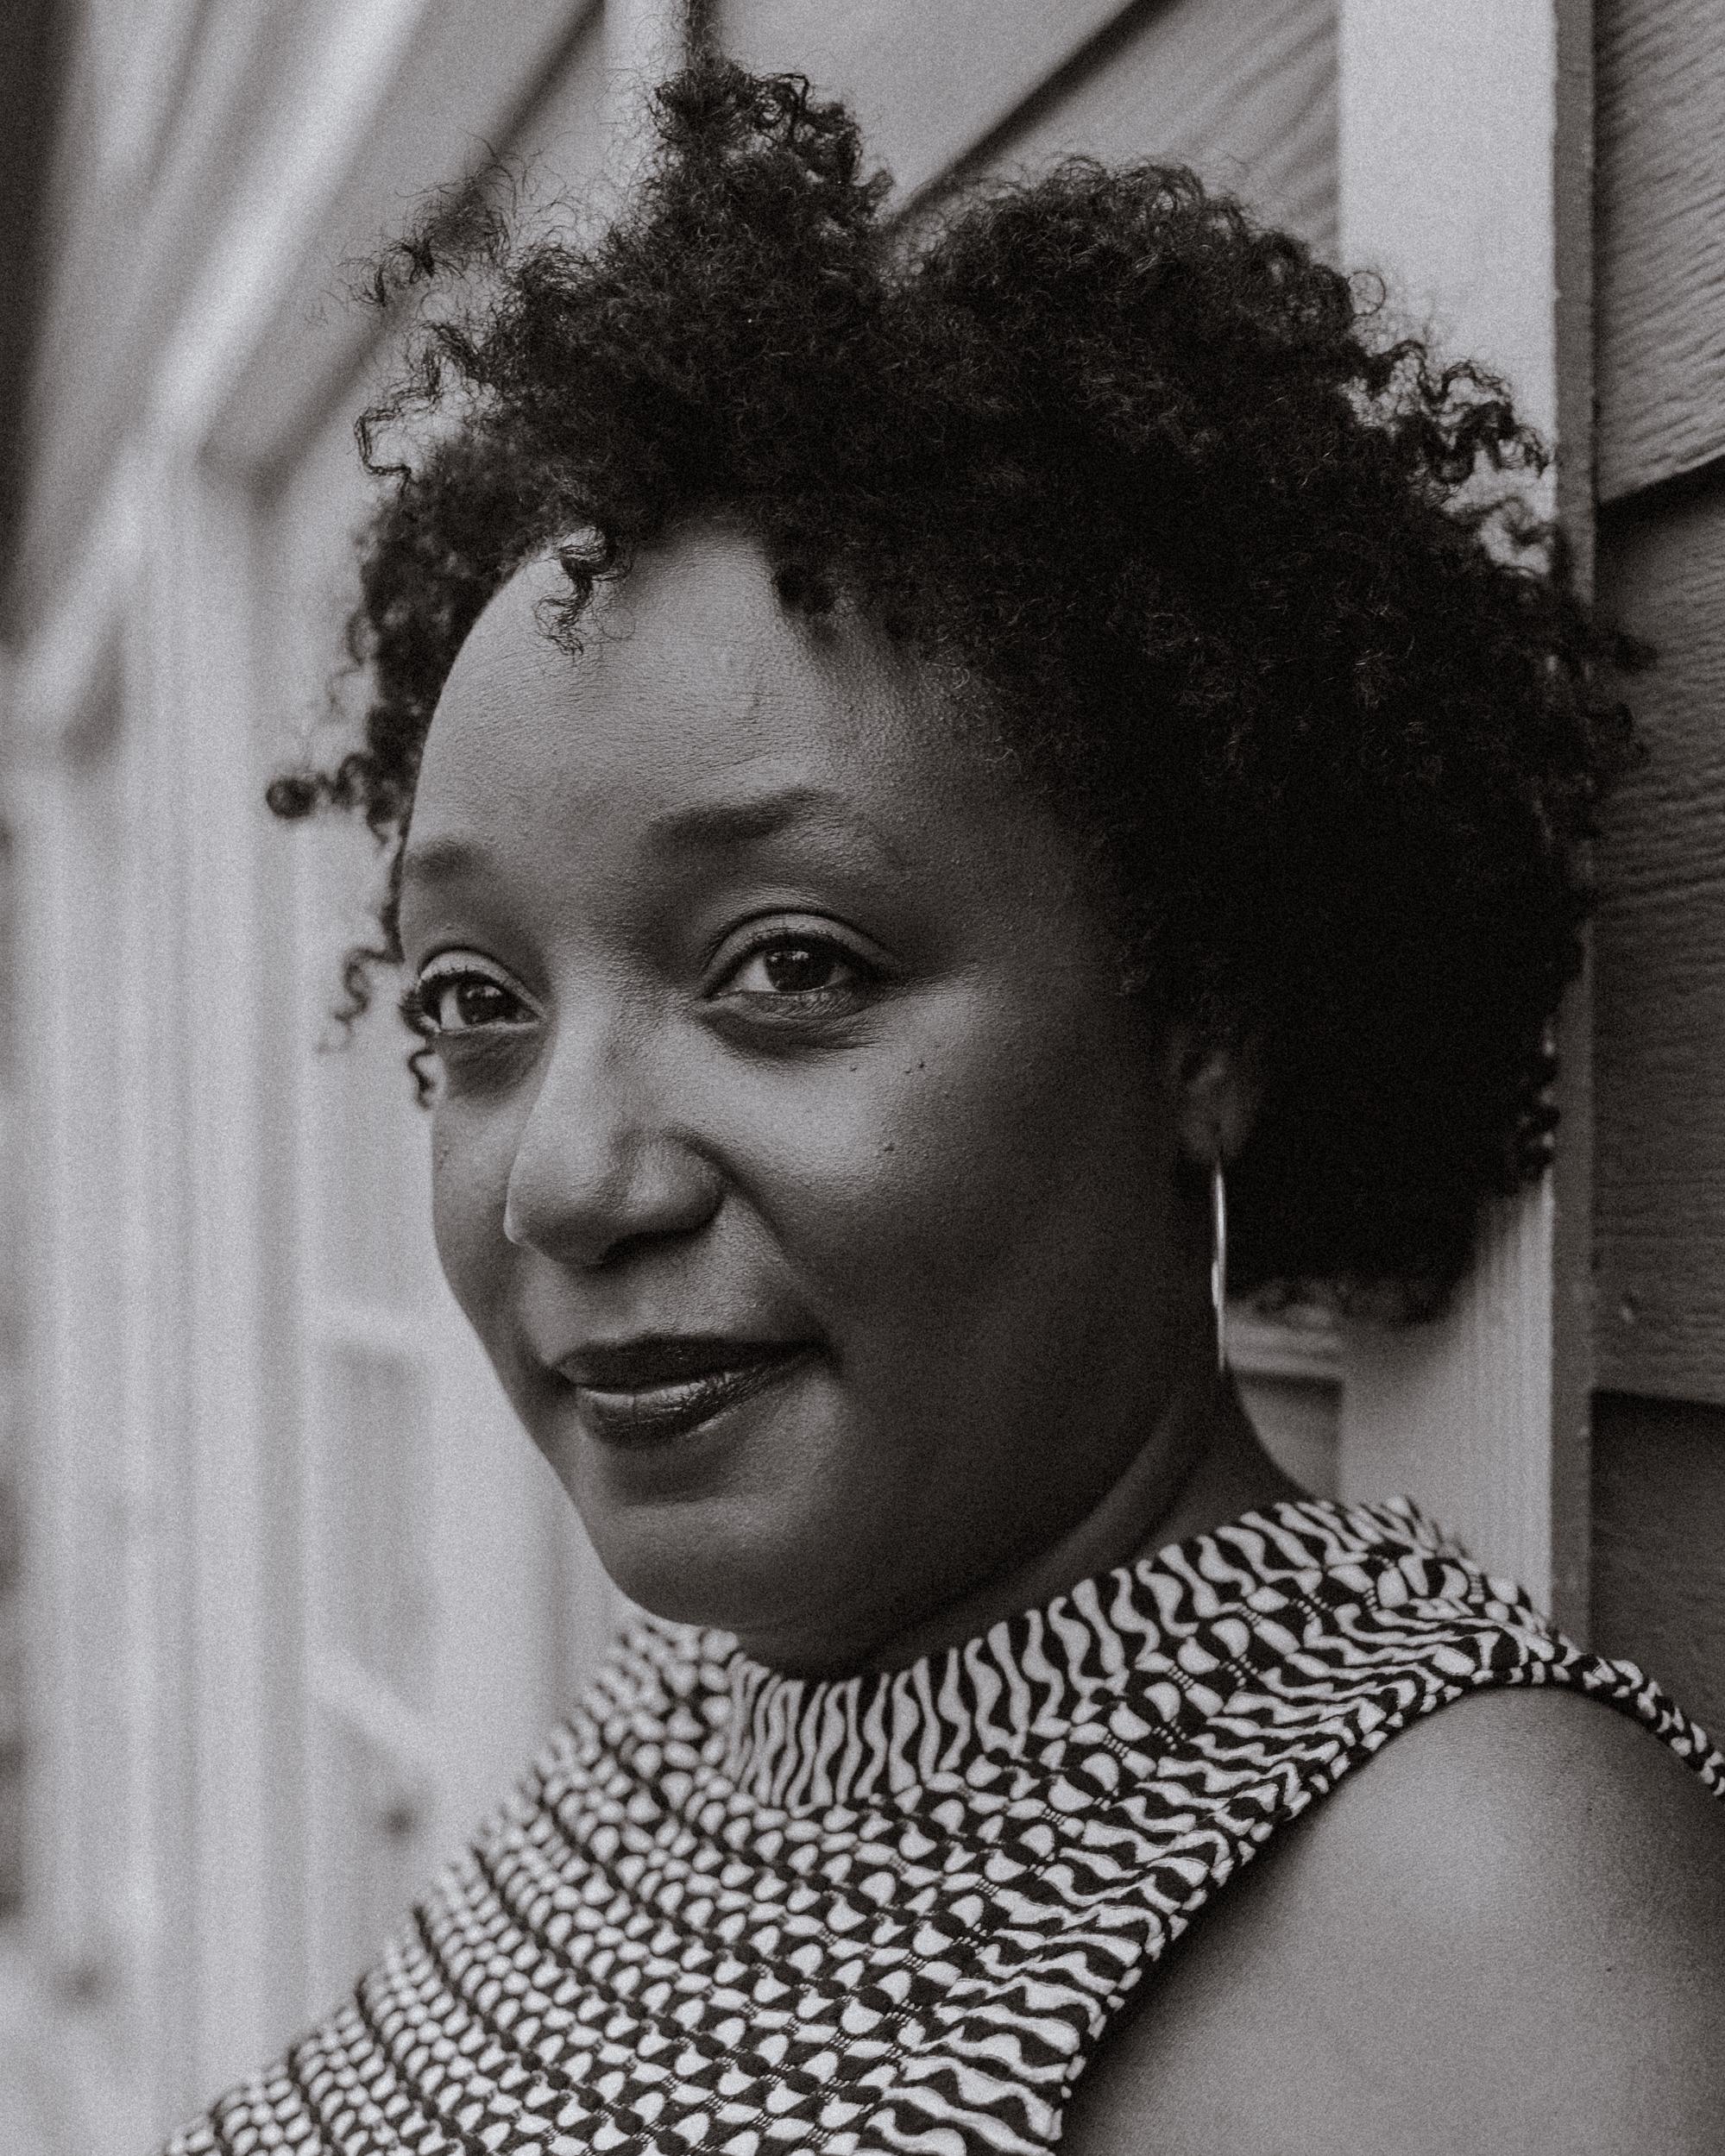 Portrait photo of Delita Martin